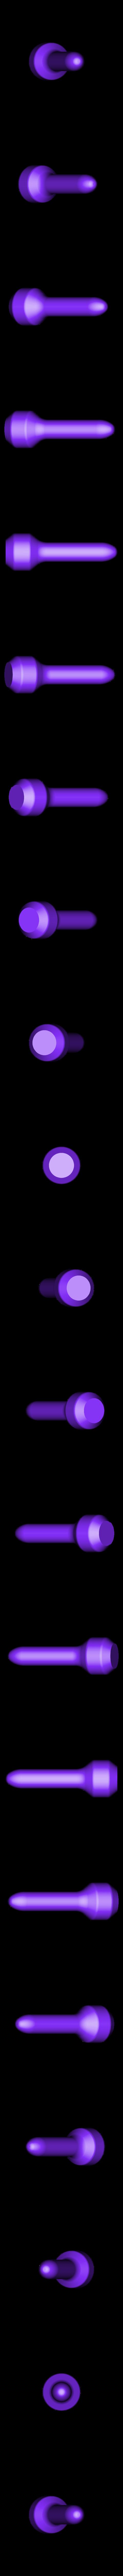 Tube_clamp_2.stl Download free STL file GERMAN LEGAL SLINGSHOT (For Joerg Sprave) • 3D printing model, MuSSy